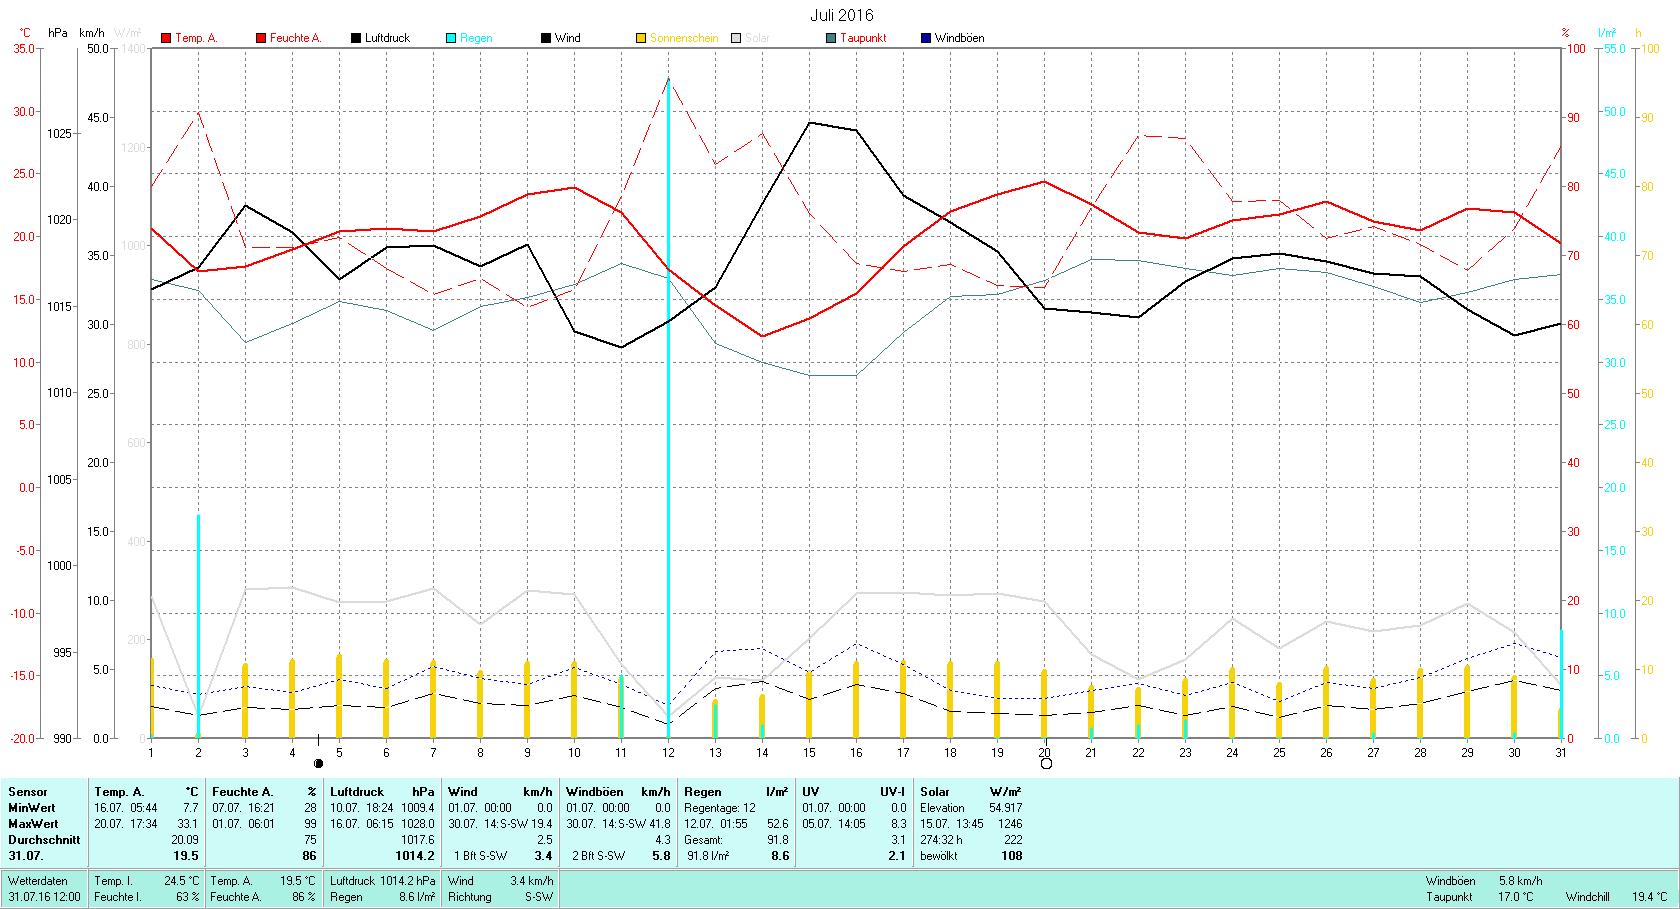 Juli 2016 Tmin 7.7°C, Tmax 33.1°C, Sonne 274:32h, Niederschlag 91.8mm/2